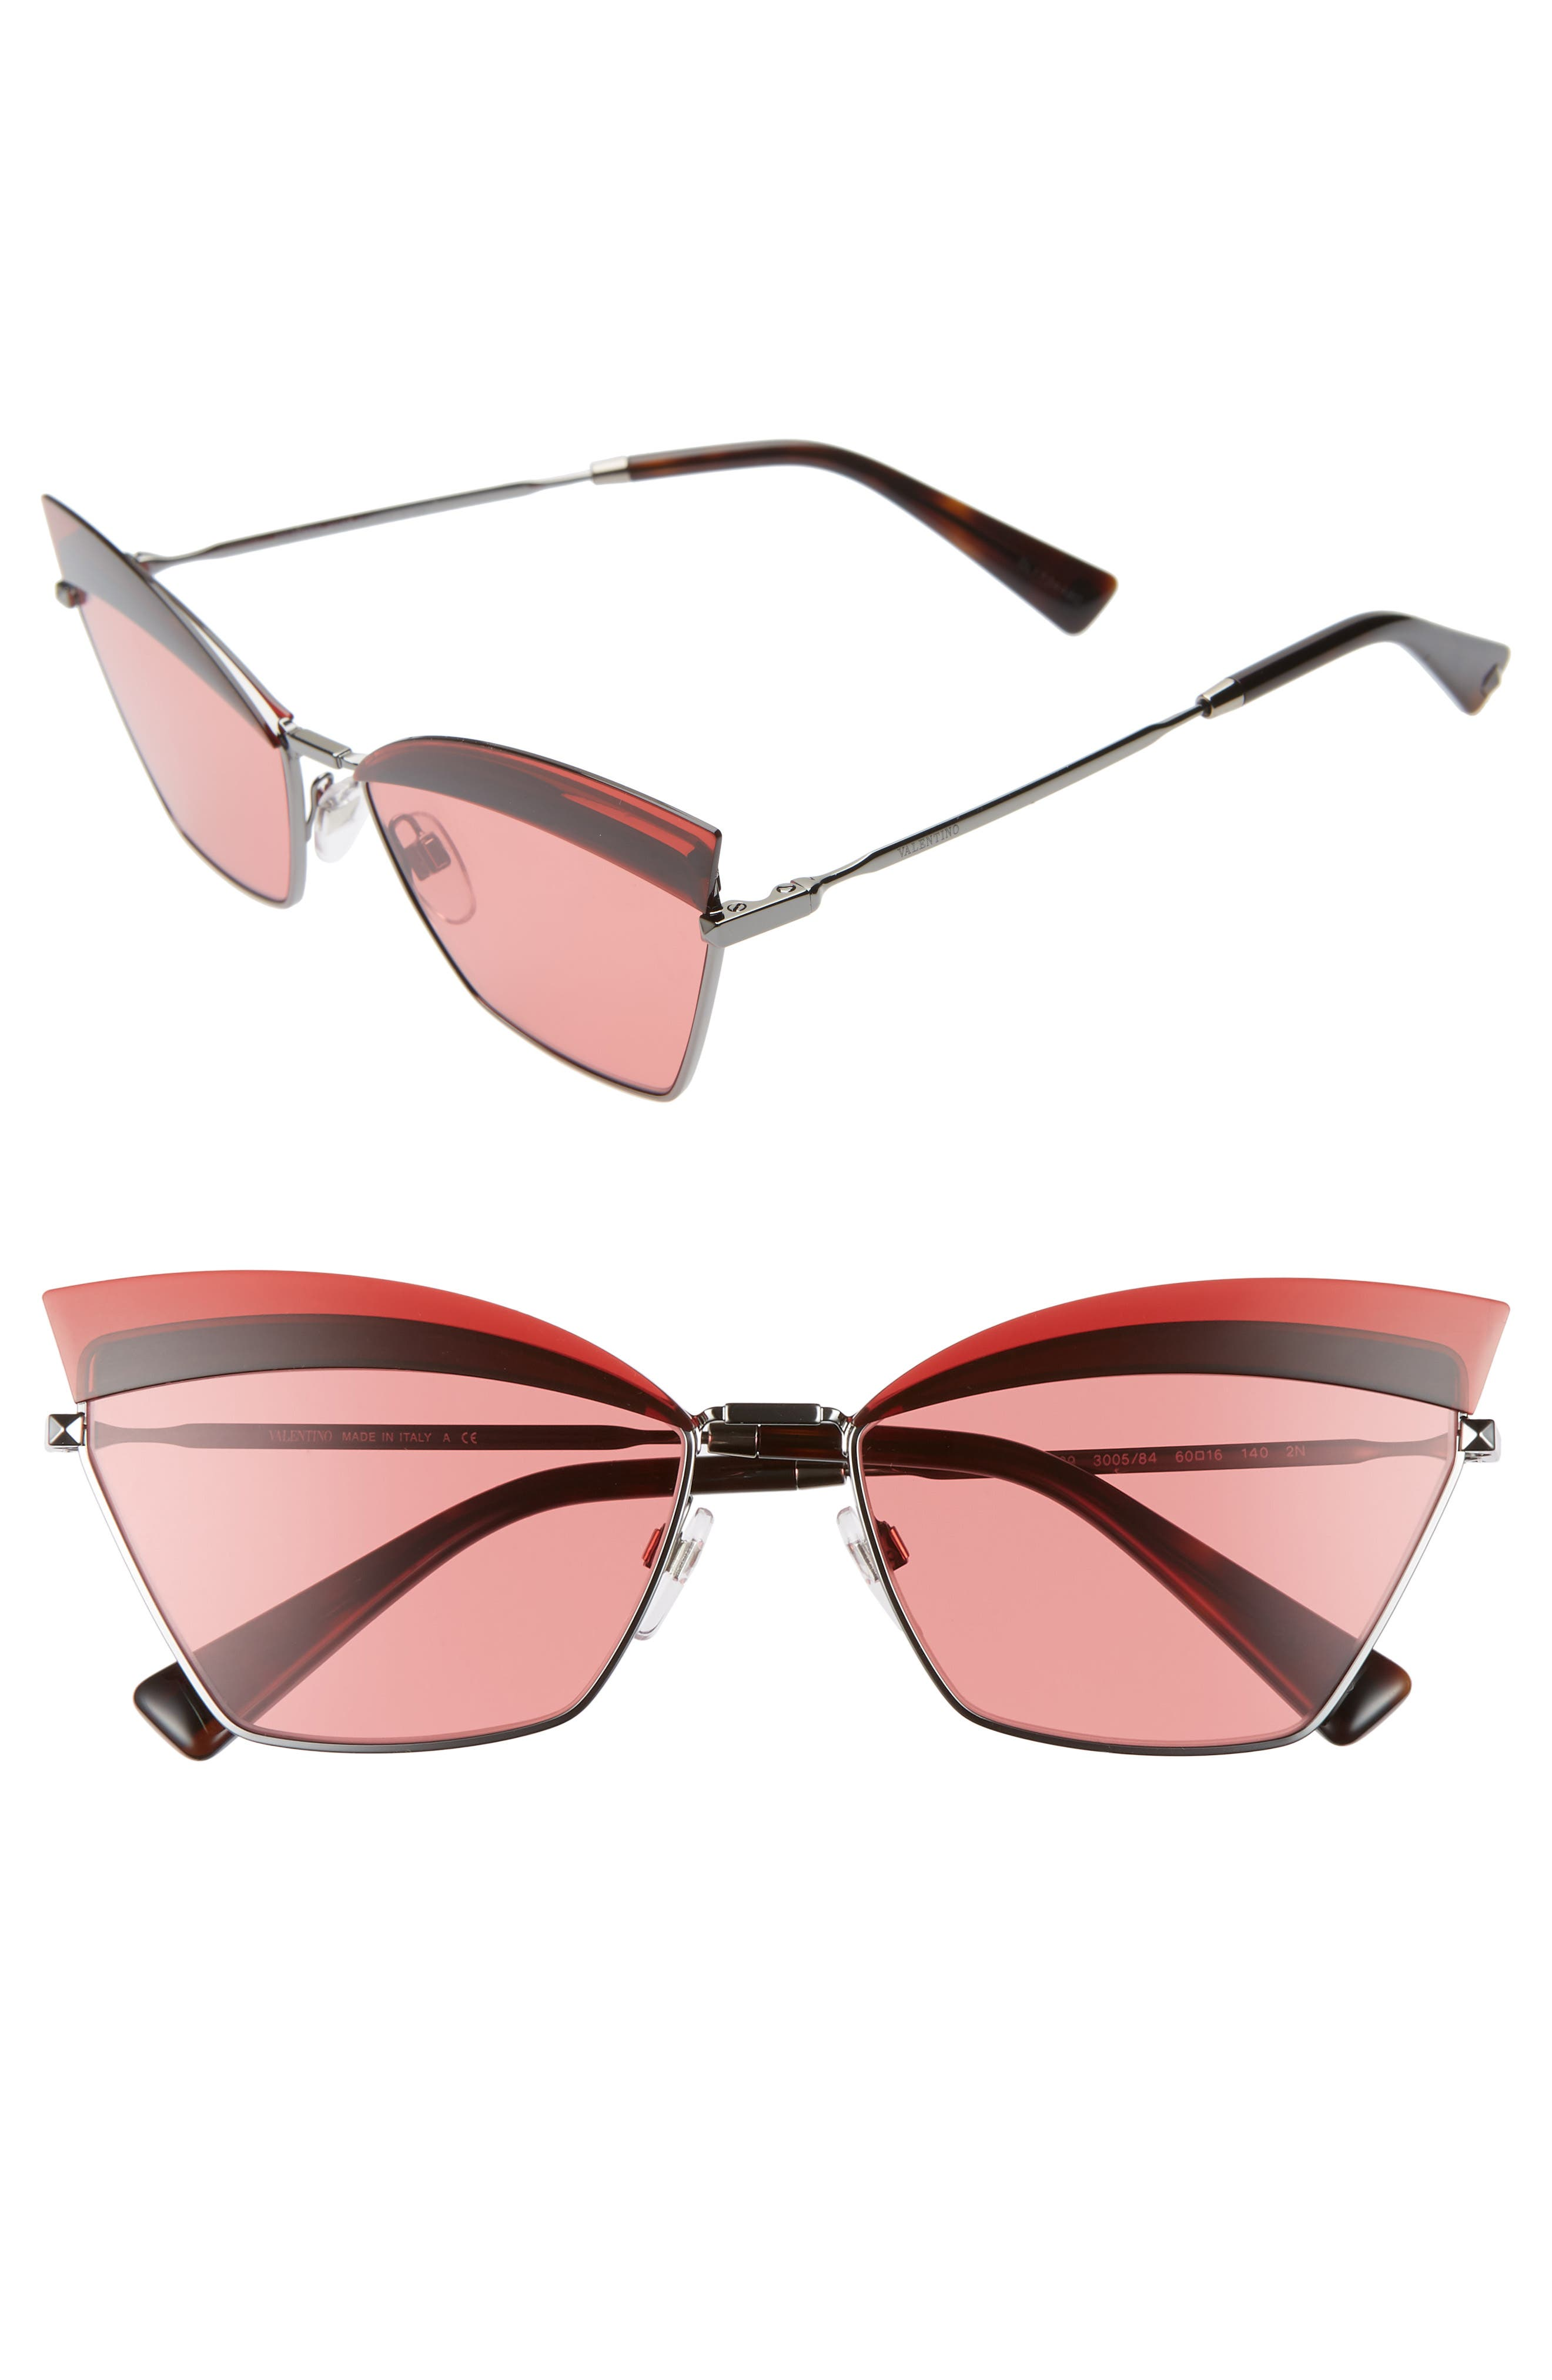 Valentino 60Mm Cat Eye Sunglasses - Red/ Gunmetal